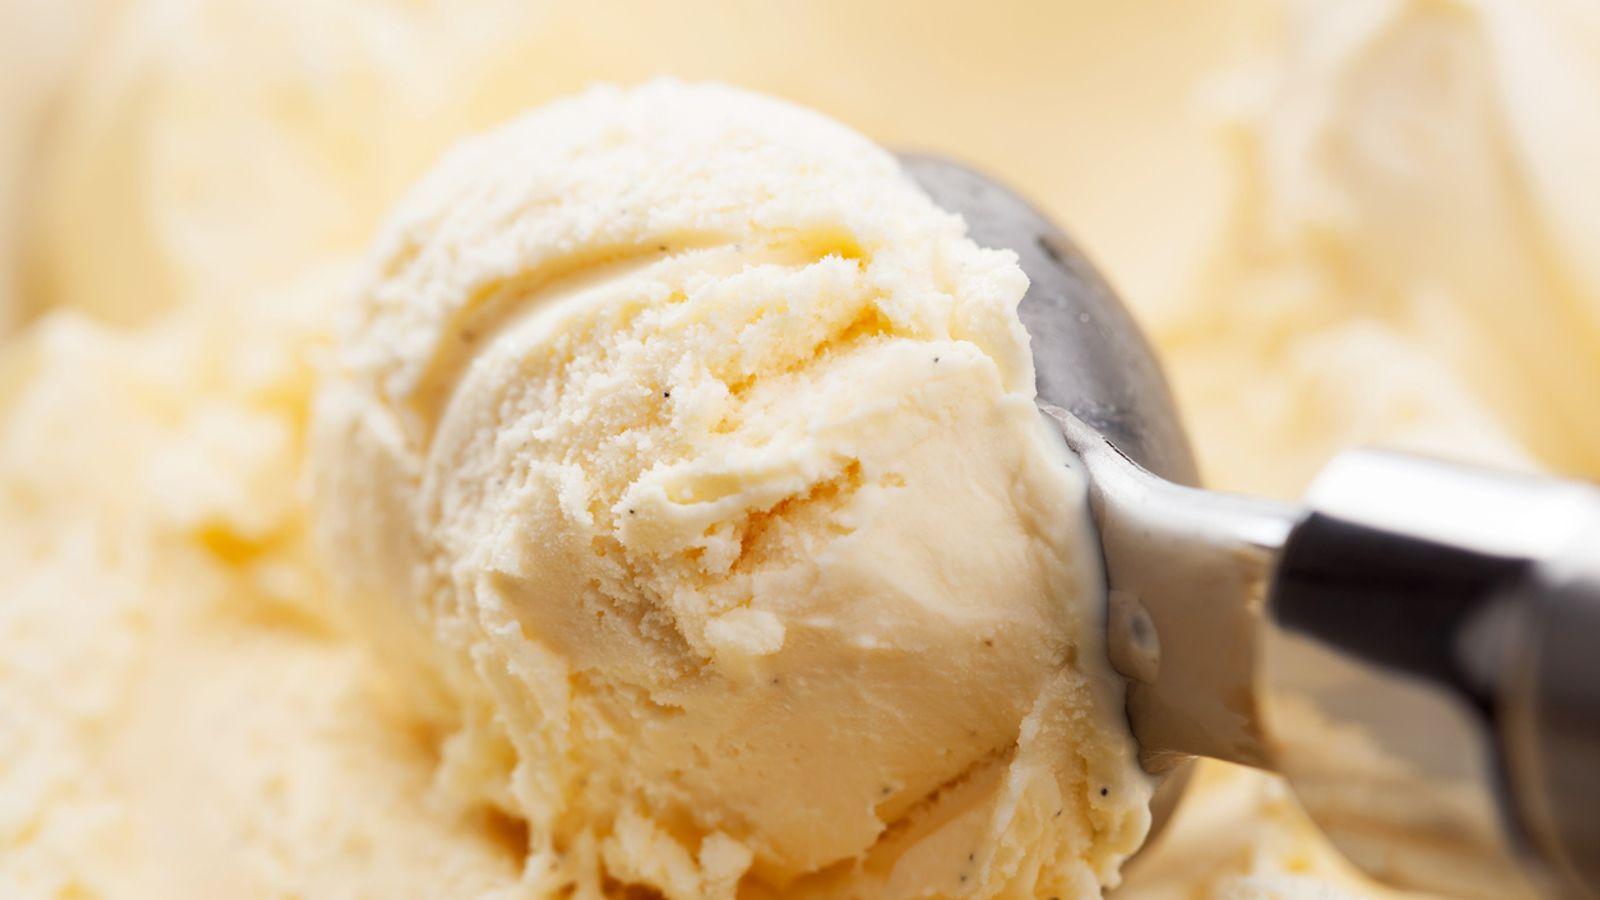 فروش آنلاین مواد اولیه قنادی و مراکز عرضه بستنی